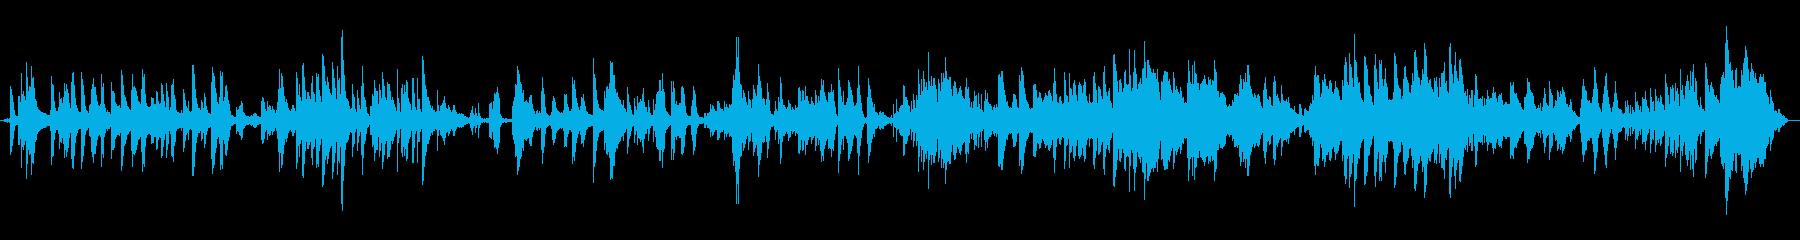 ヒーリングピアノ曲・やさしい・透明感の再生済みの波形